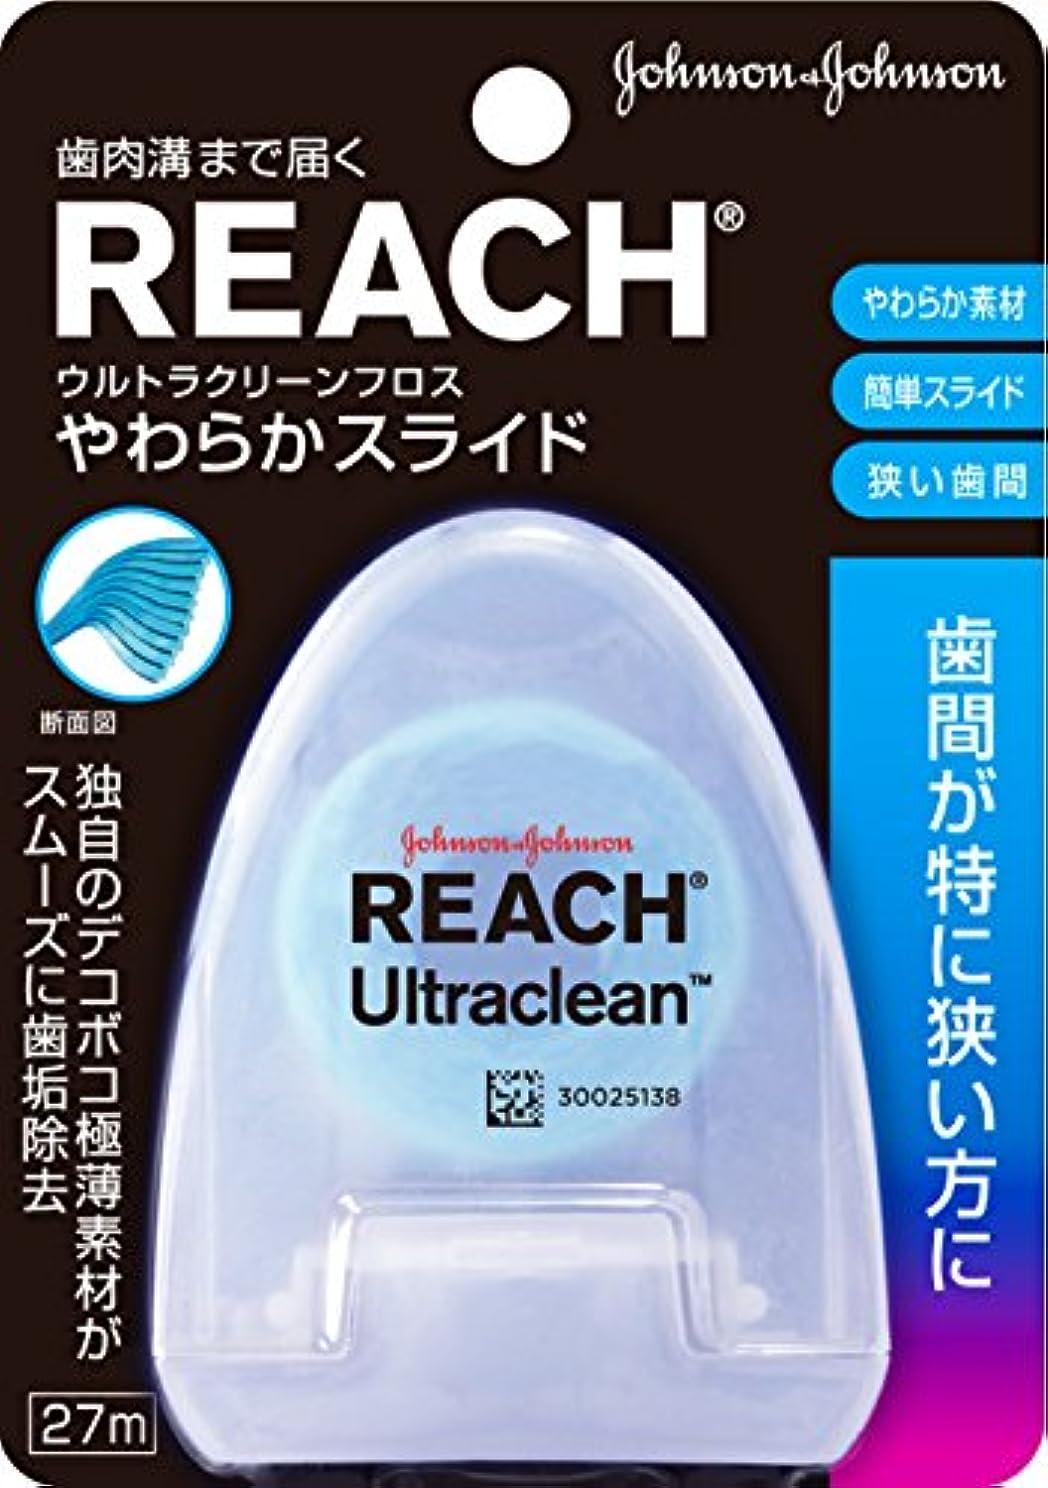 受け継ぐ酸テクトニックREACH(リーチ) ウルトラクリーンフロス やわらかスライド 27m